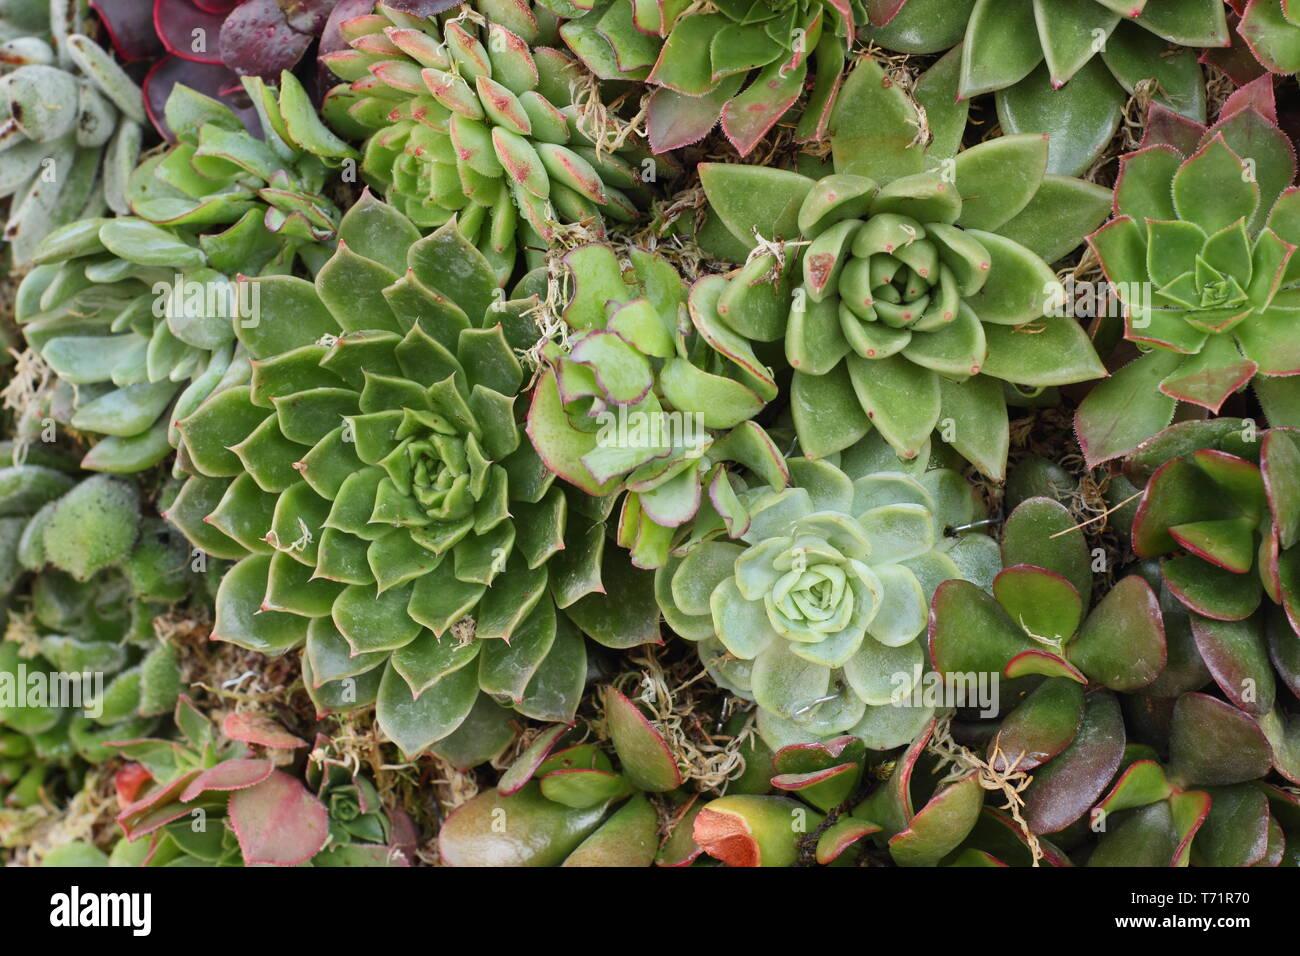 Sempervivum. Houseleek succuelnts form a plant wall in a vertical garden, UK Stock Photo